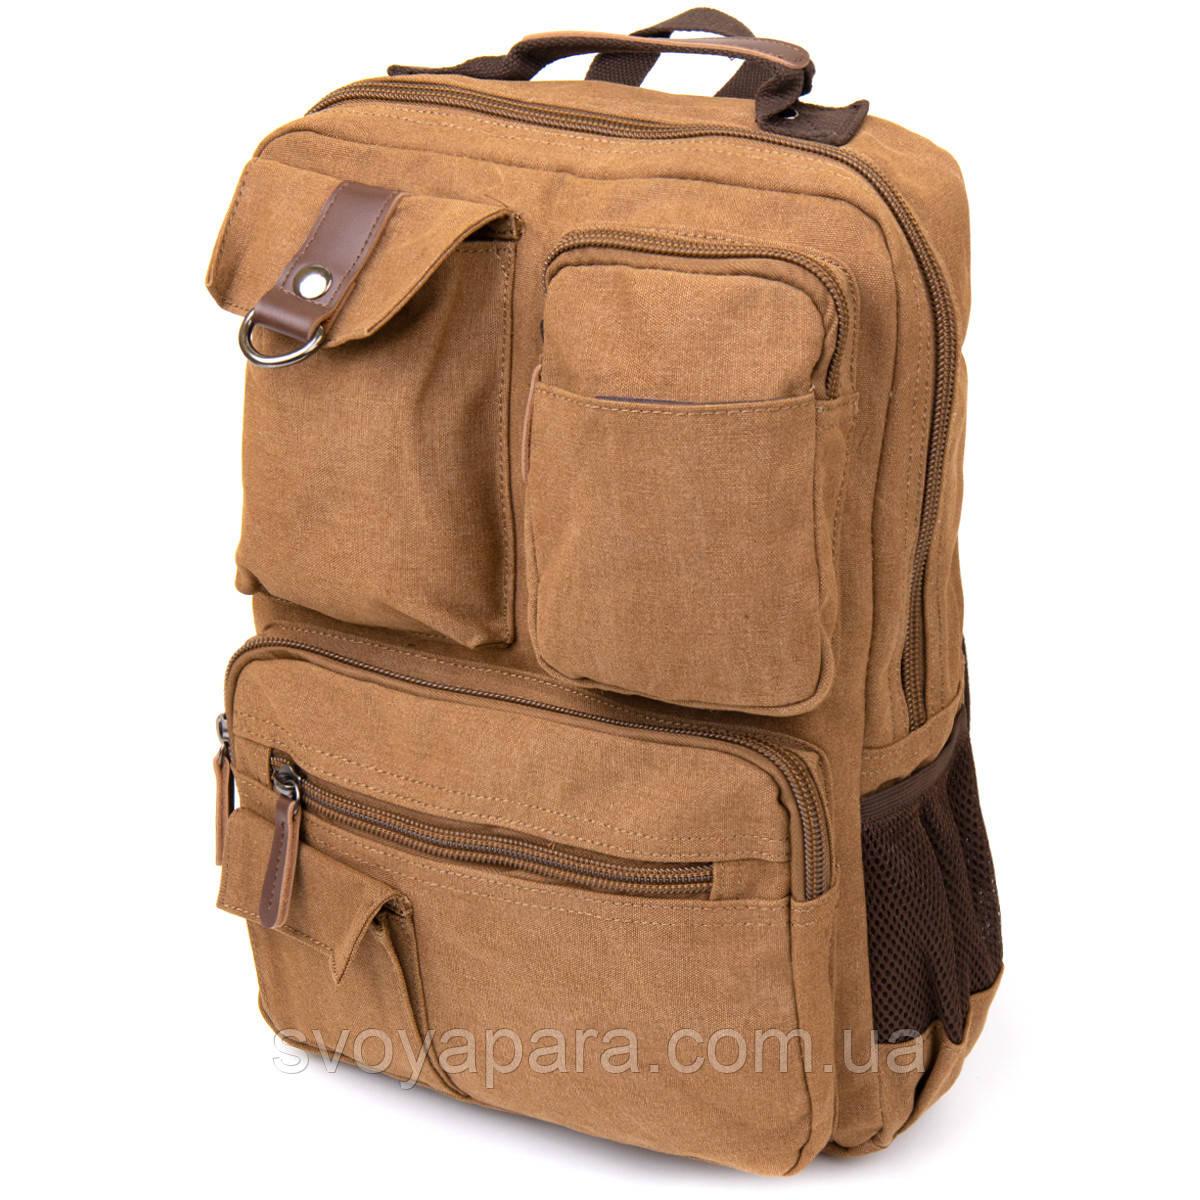 Рюкзак текстильний дорожній унісекс Vintage 20619 Коричневий